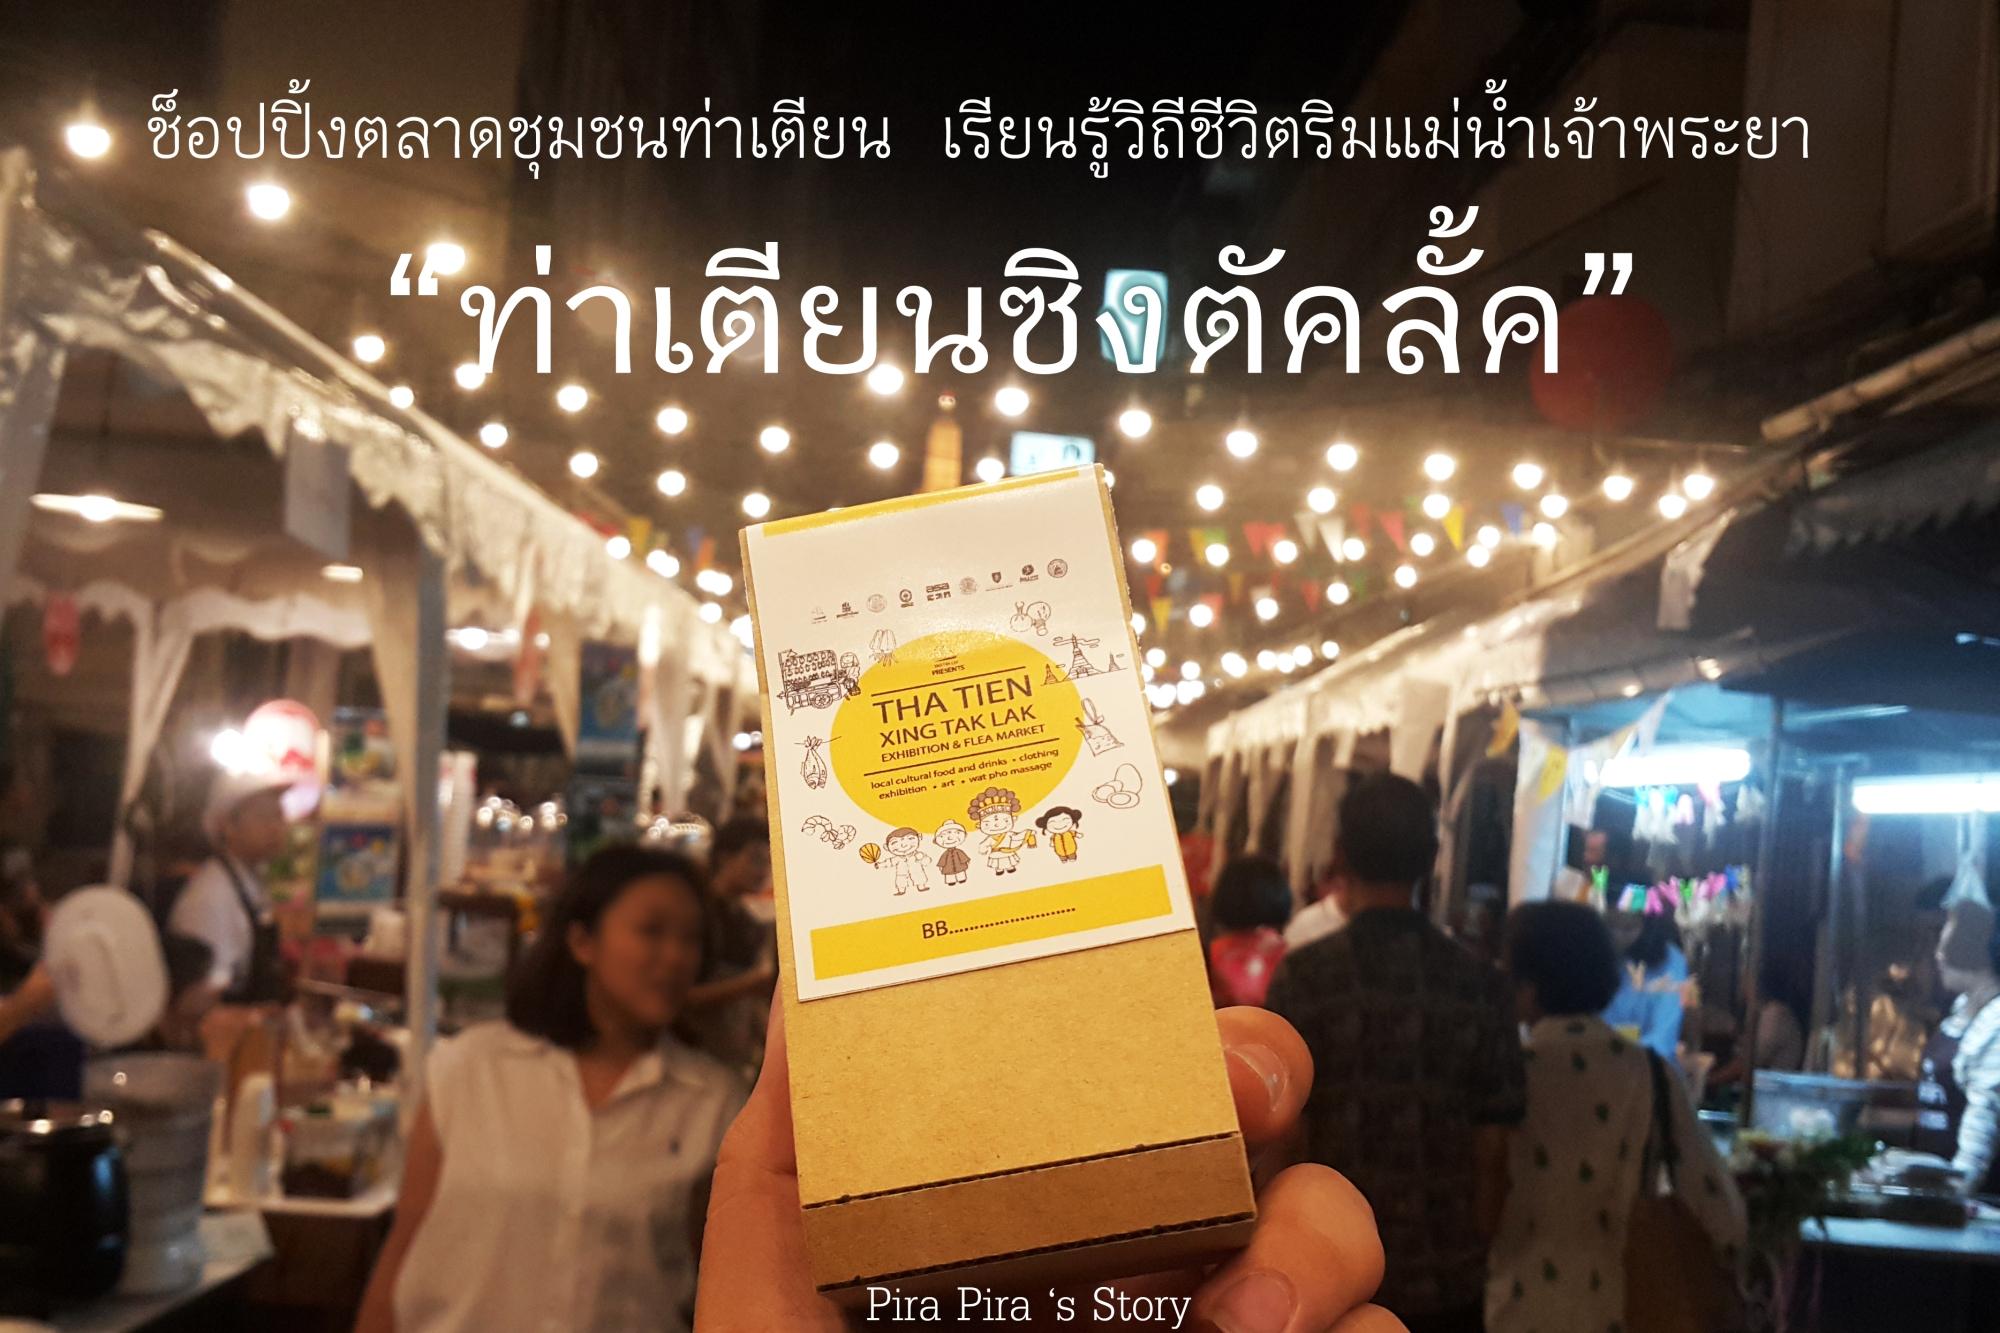 ท่าเตียน ซิงตัคลั๊ค ซิงตัคลั้ค ซิงตัคลัค thatien xing tak lak bangkok